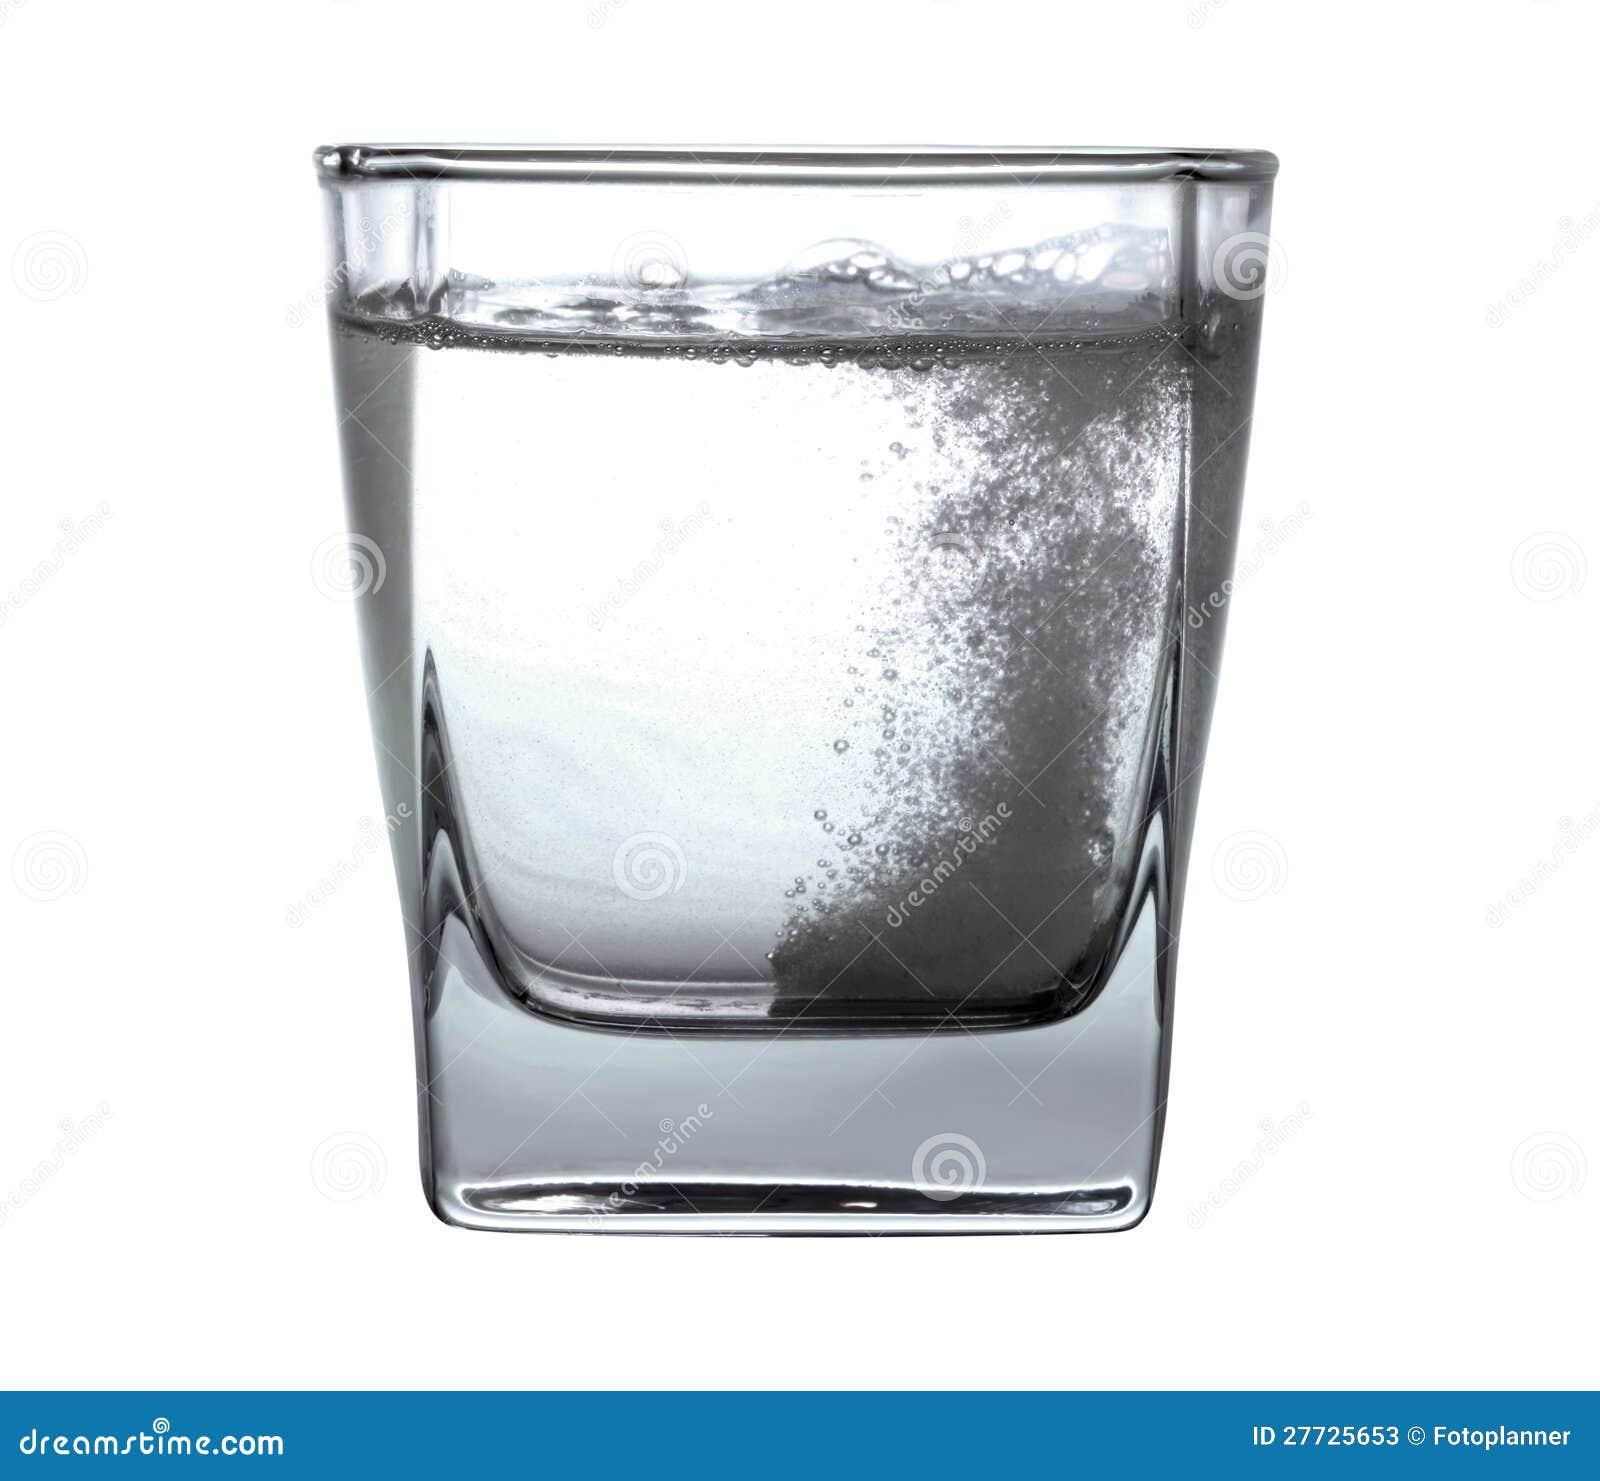 Pille im Wasser